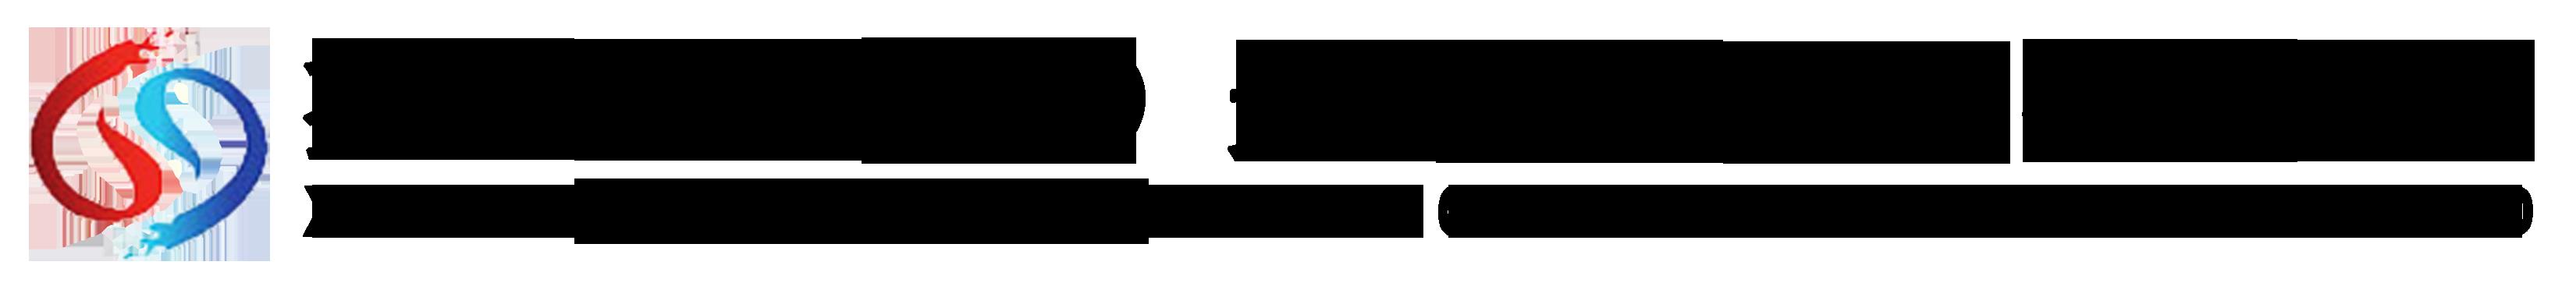 鑫盛达(宁夏)光电技术发展有限公司